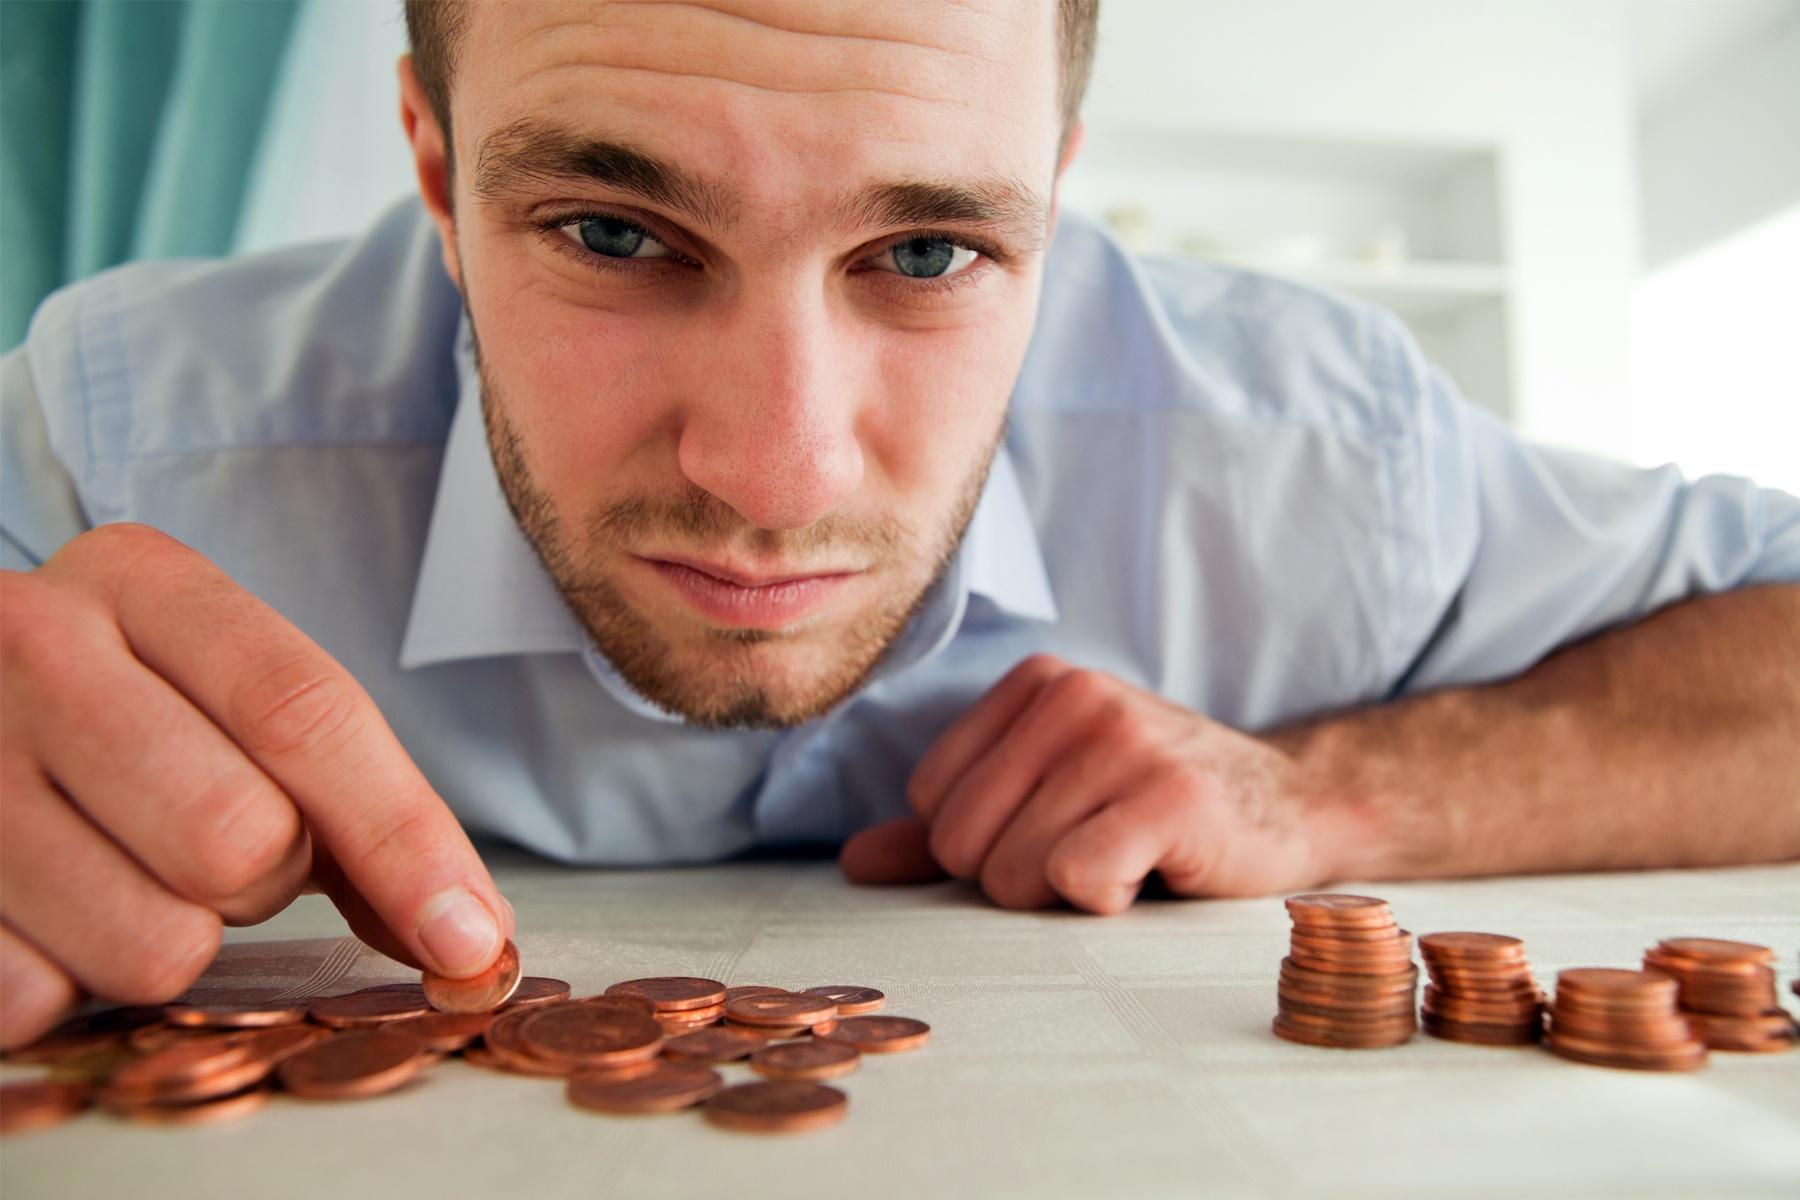 каким-то от зарплаты до зарплаты картинки служит для надежной